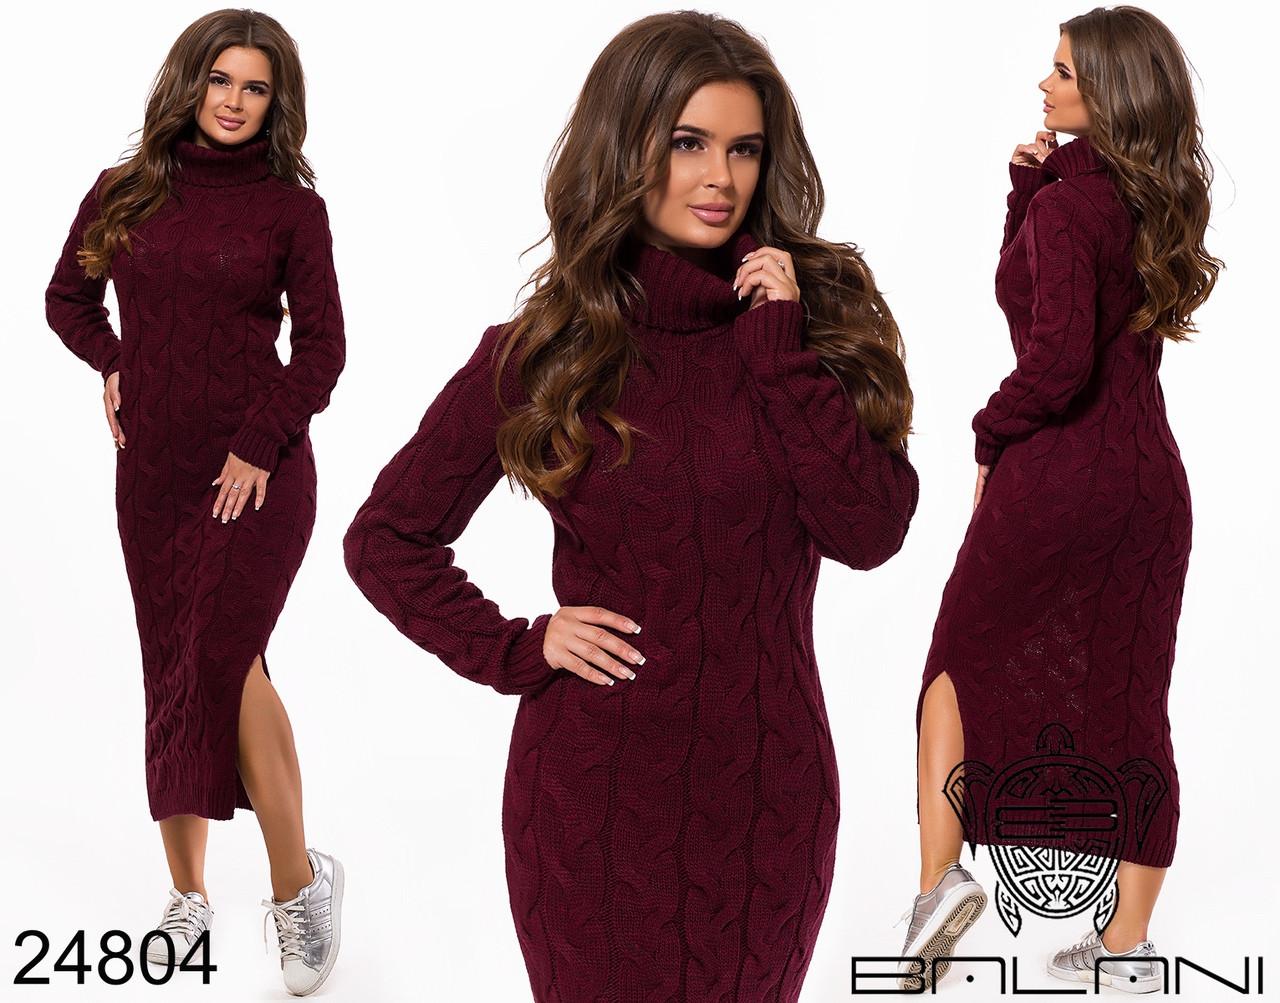 8f24301c74a Теплое зимнее длинное вязаное платье-гольф крупная вязка Balani размер  42-46 - Интернет